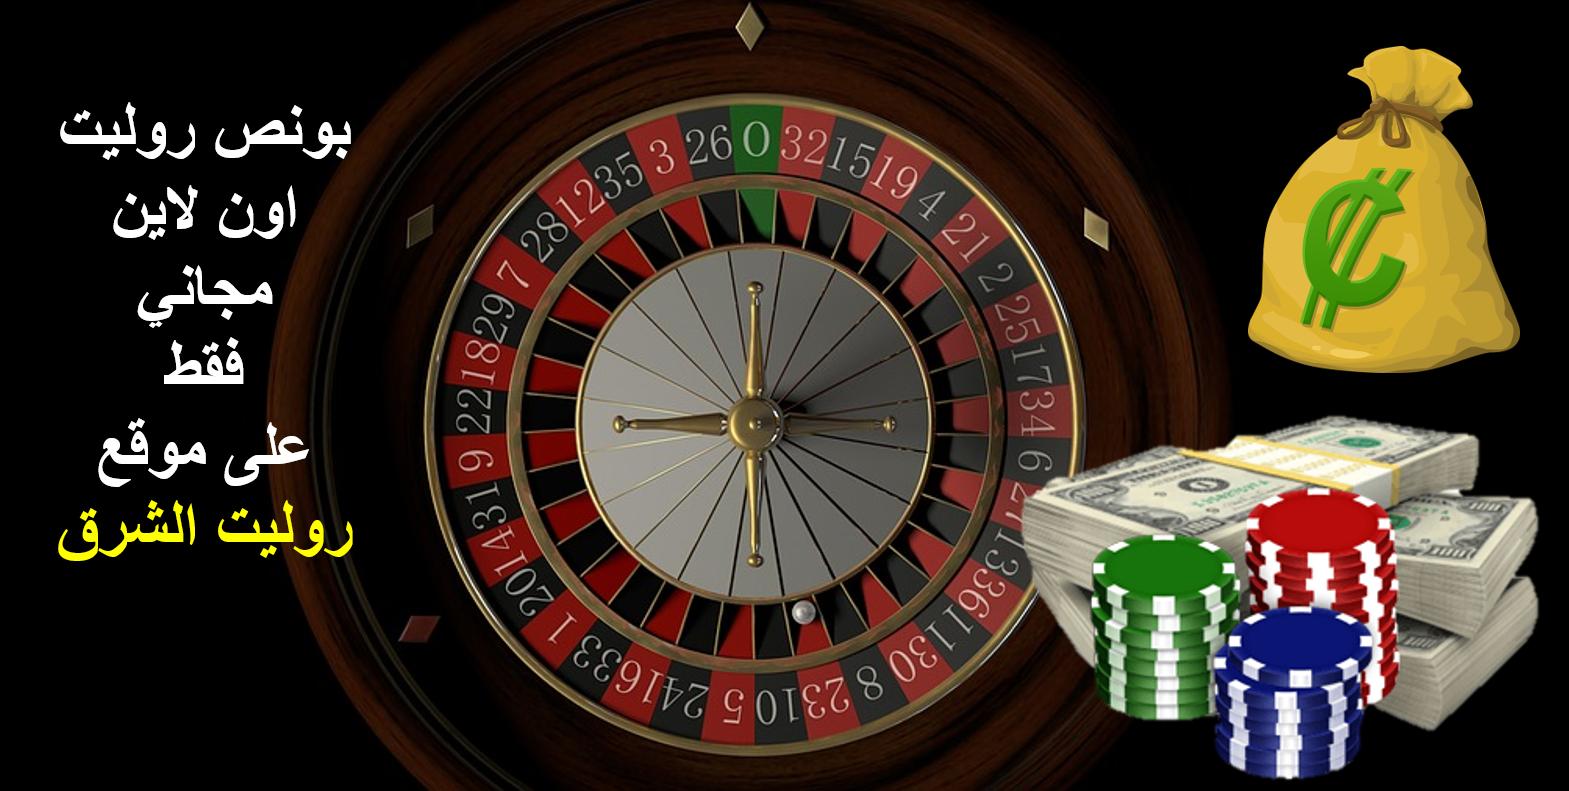 أسرار لعبة الروليت 880338